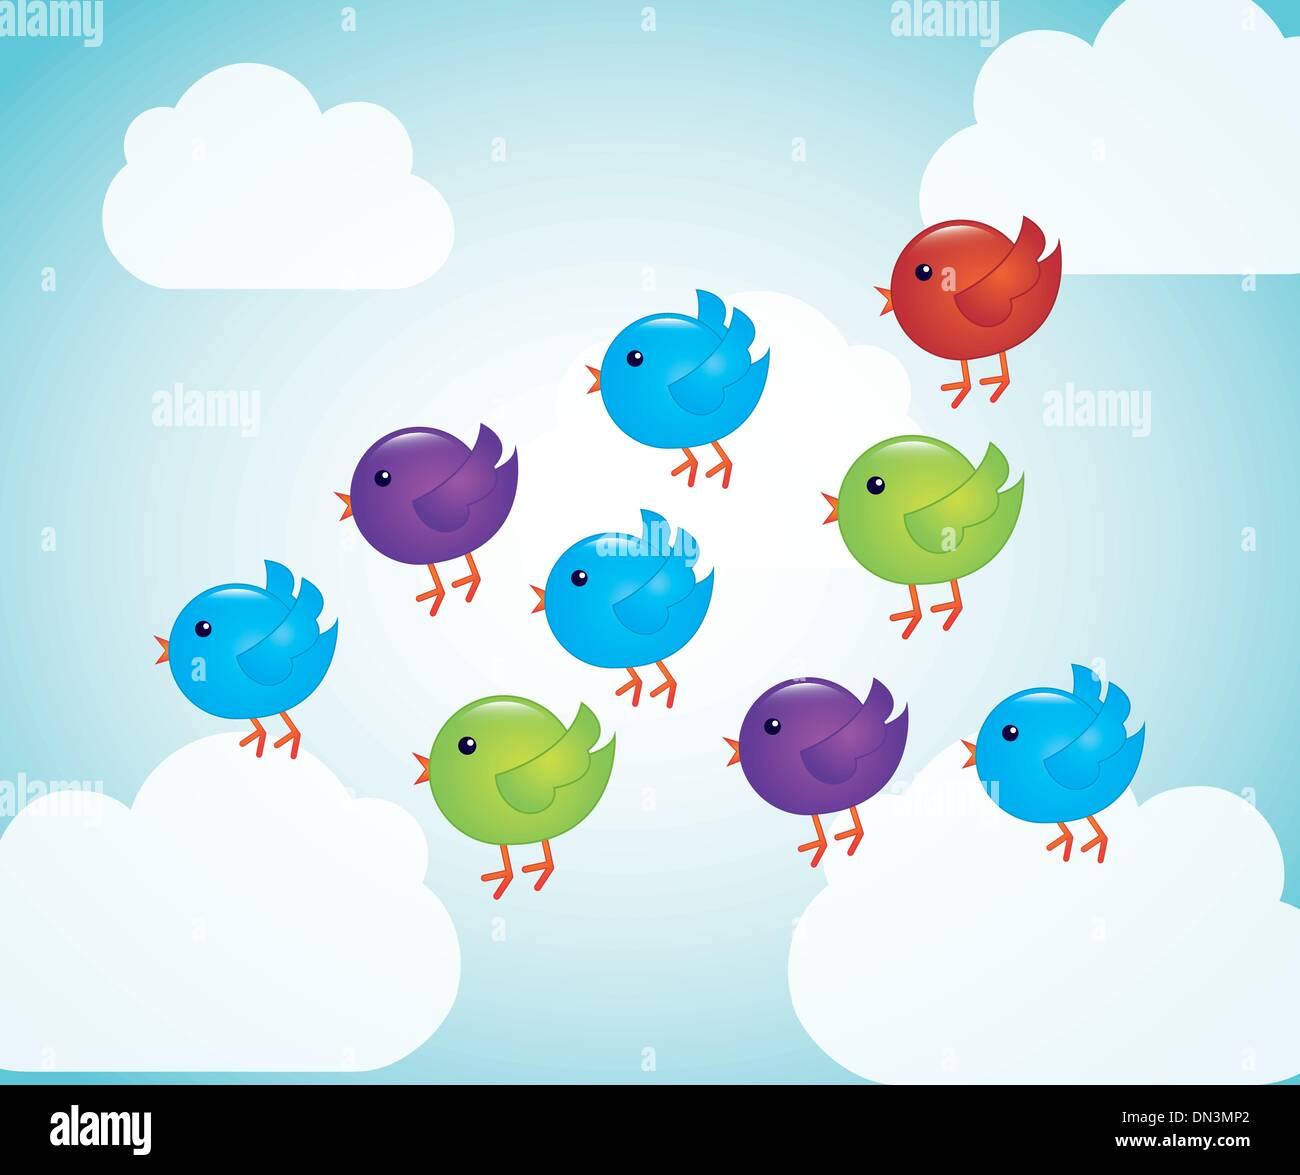 Cartoni animati uccelli illustrazione vettoriale  alamy